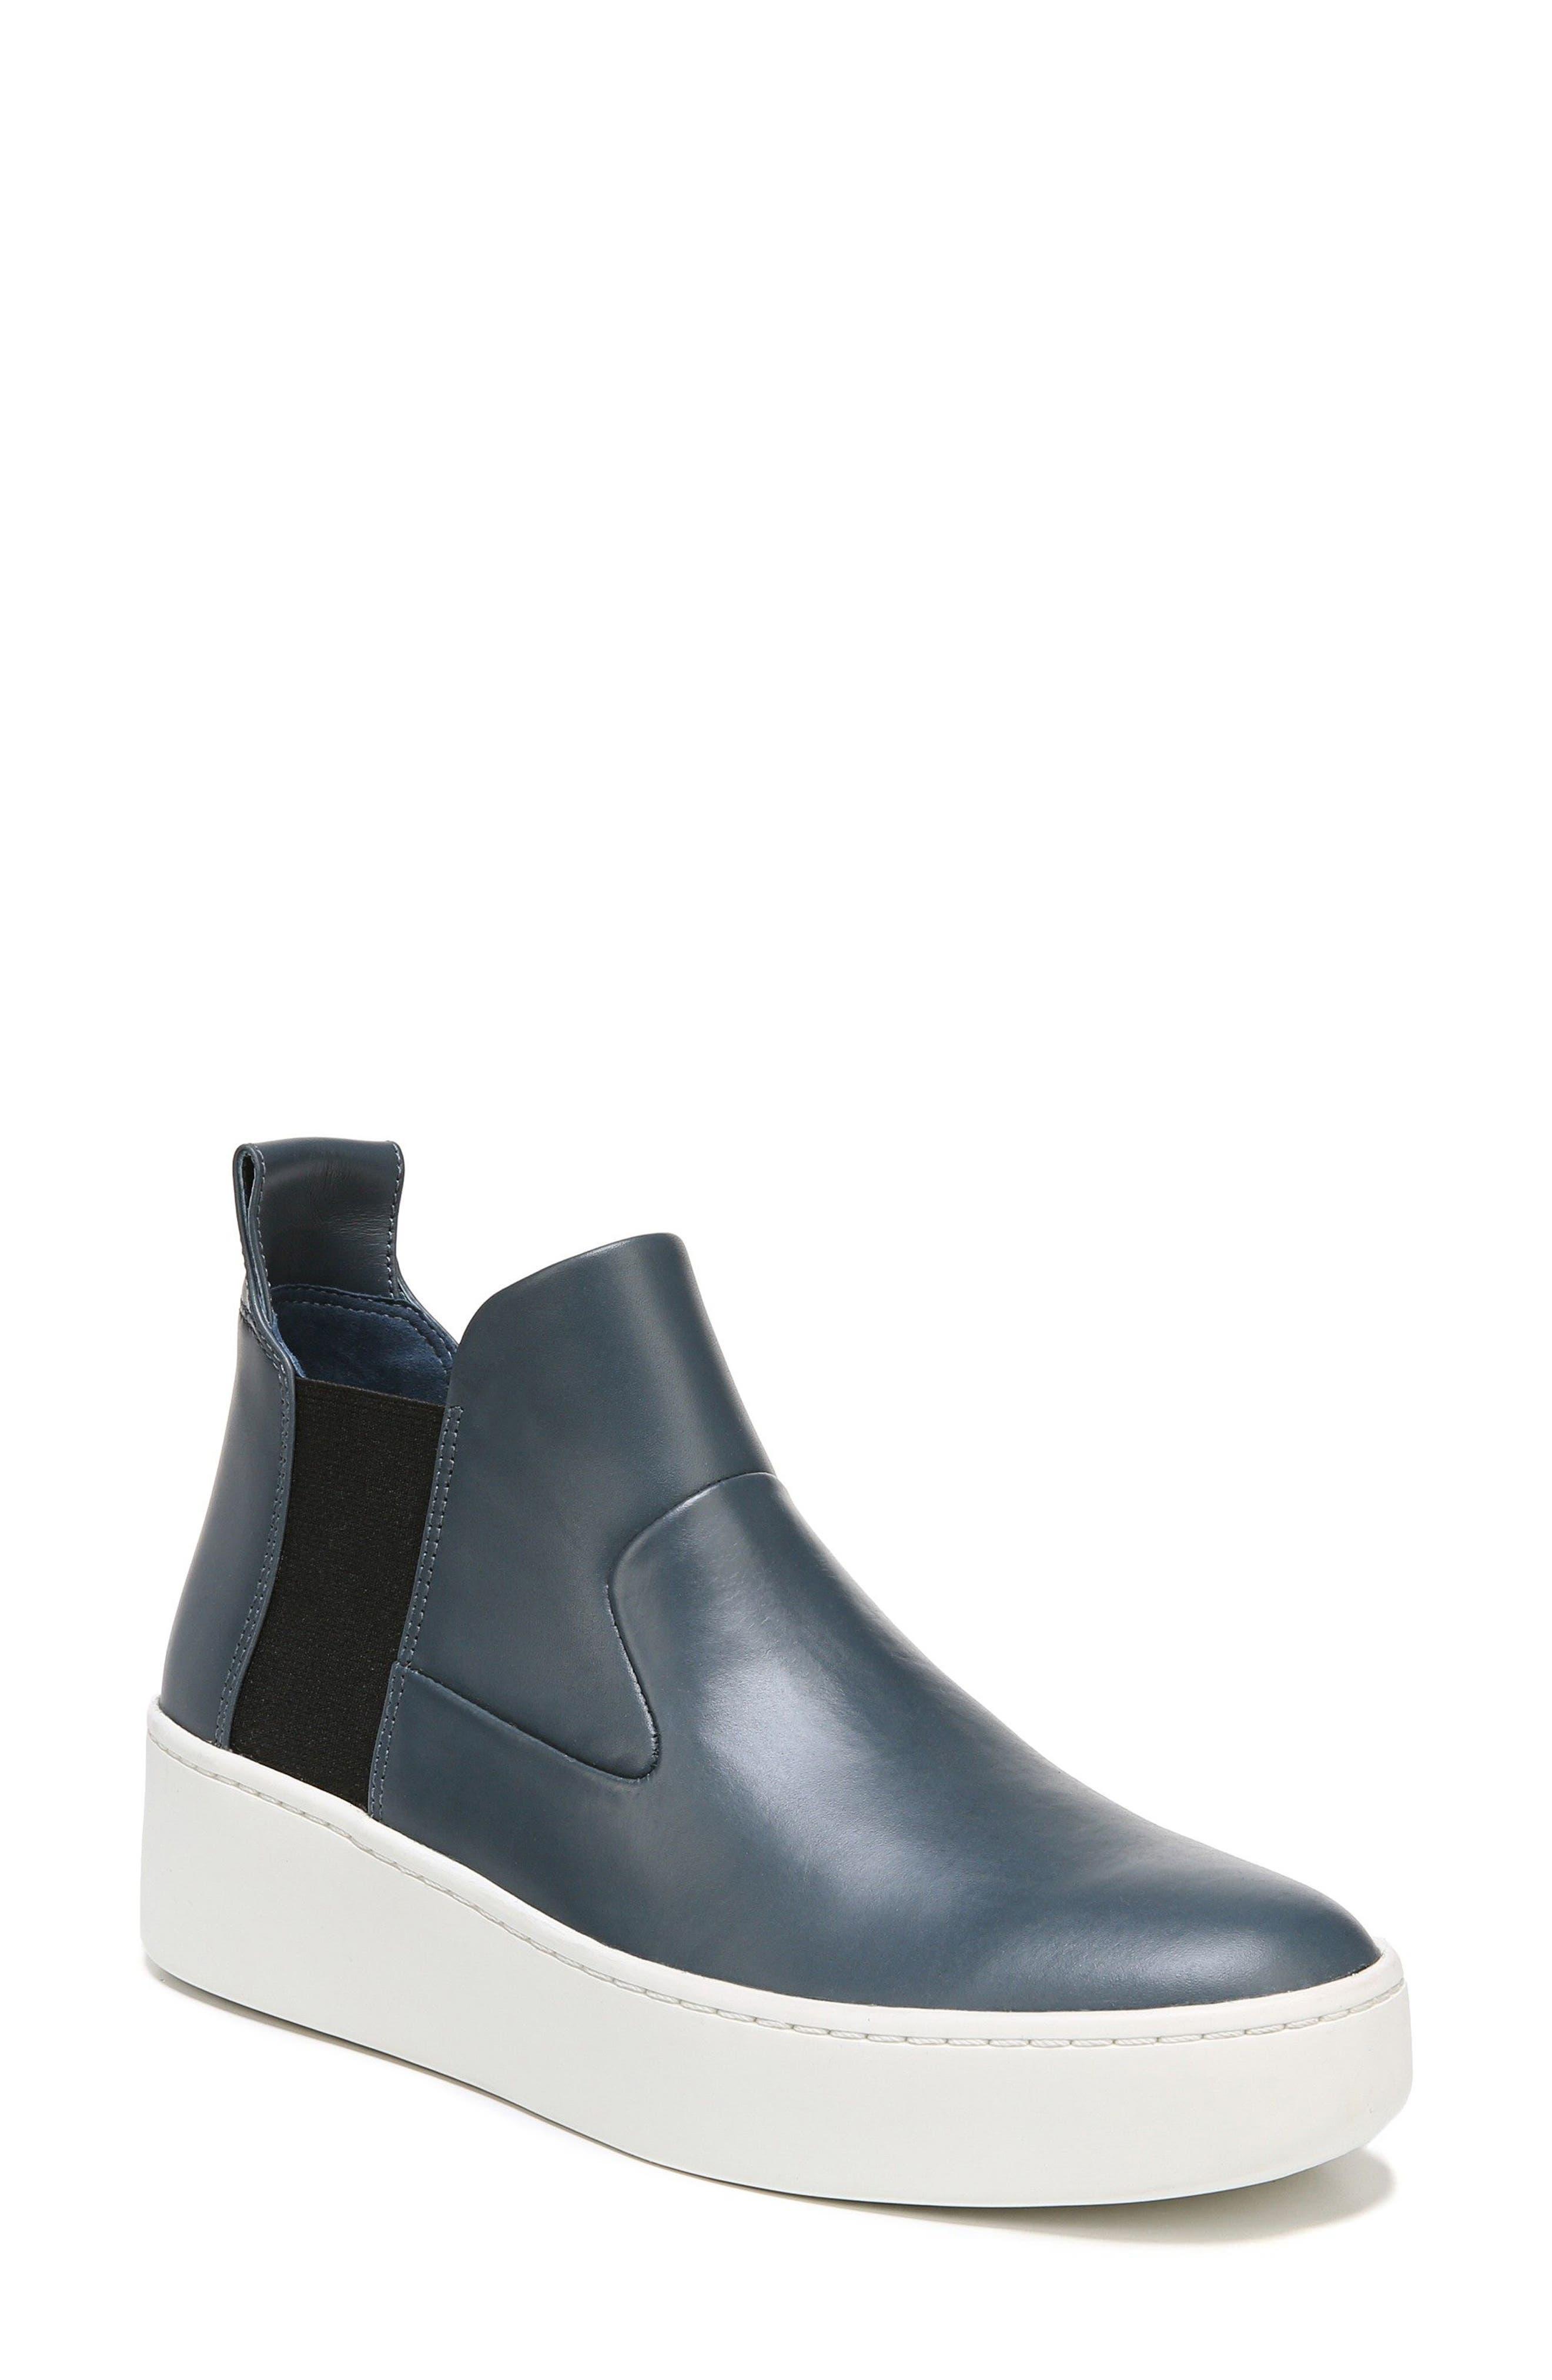 Eren Slip-On High Top Sneaker,                             Main thumbnail 2, color,